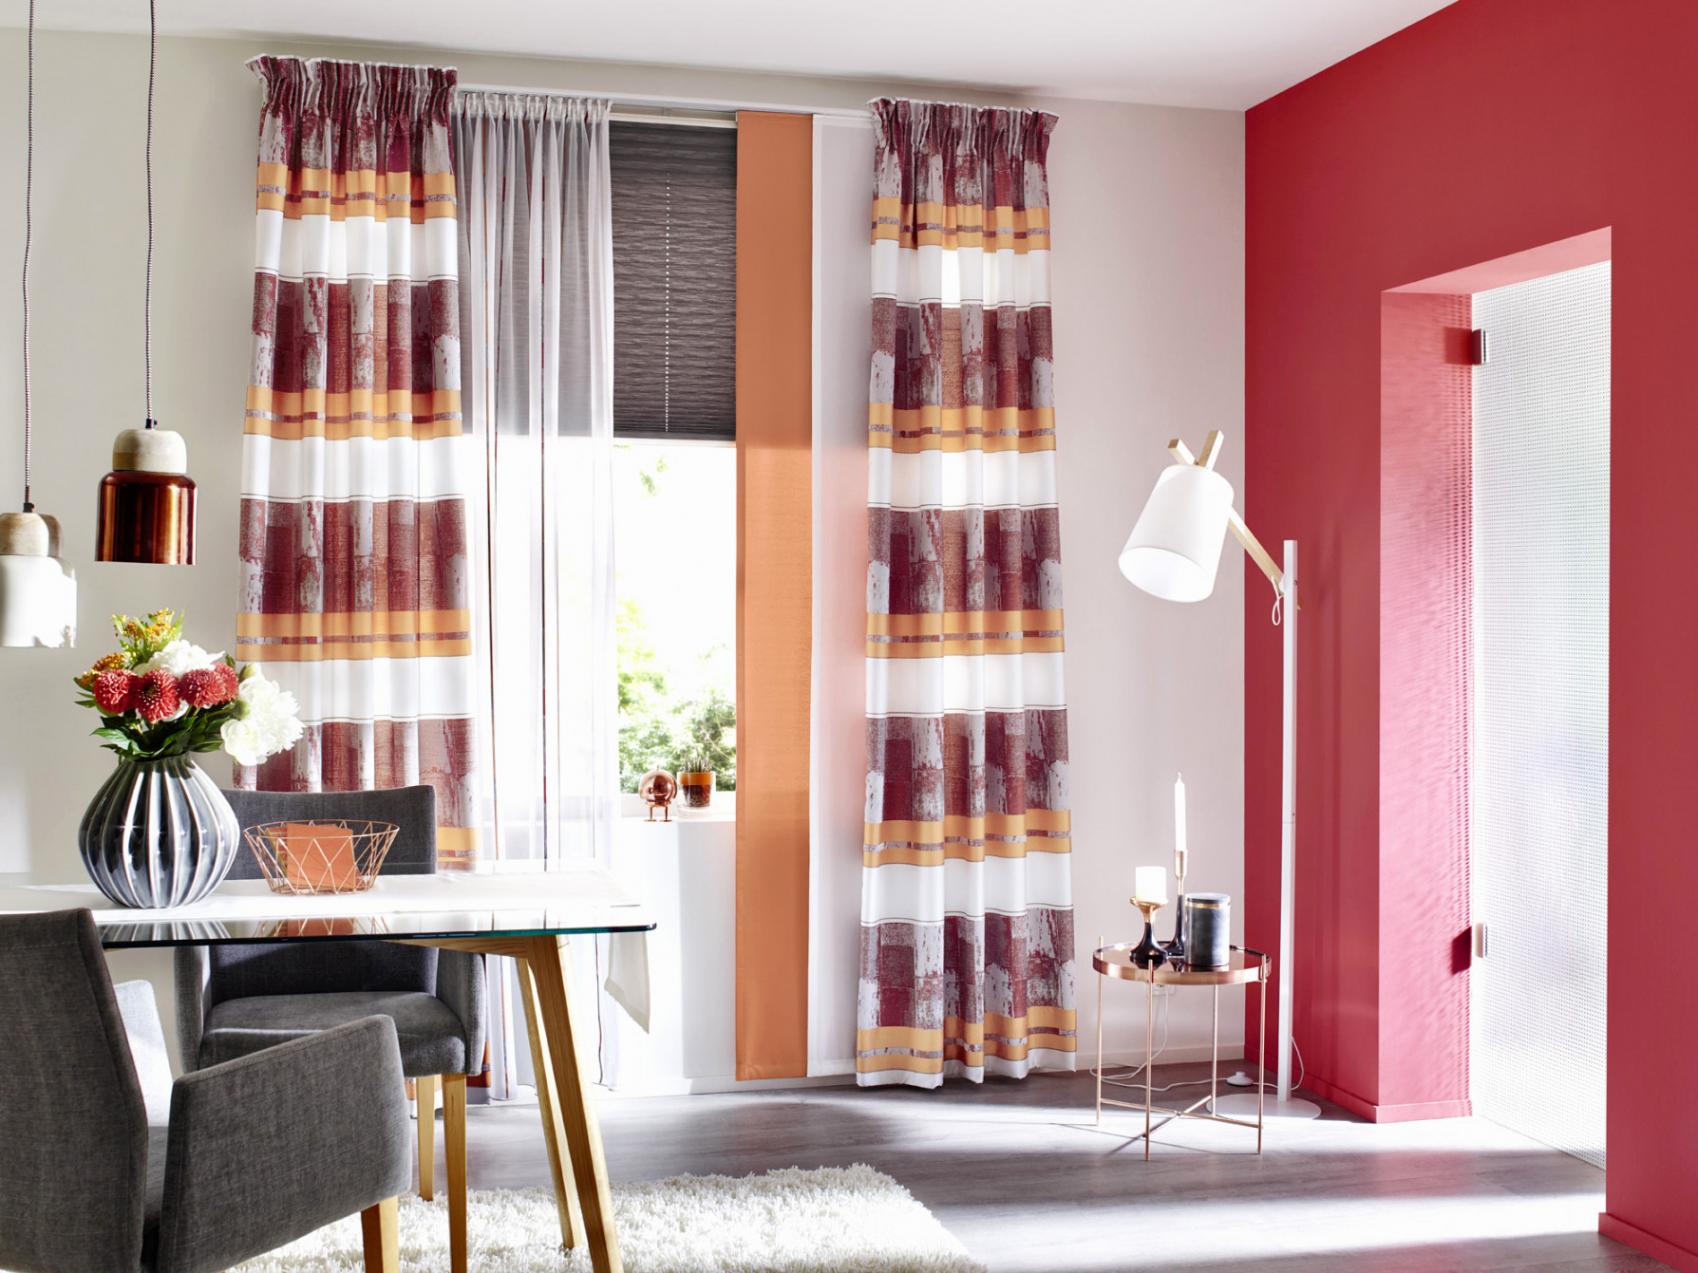 Full Size of Gardinen Dekorationsvorschläge Wohnzimmer überraschend Vorhang   Vorhang Knoten Binden Wohnzimmer Vorhang Wohnzimmer